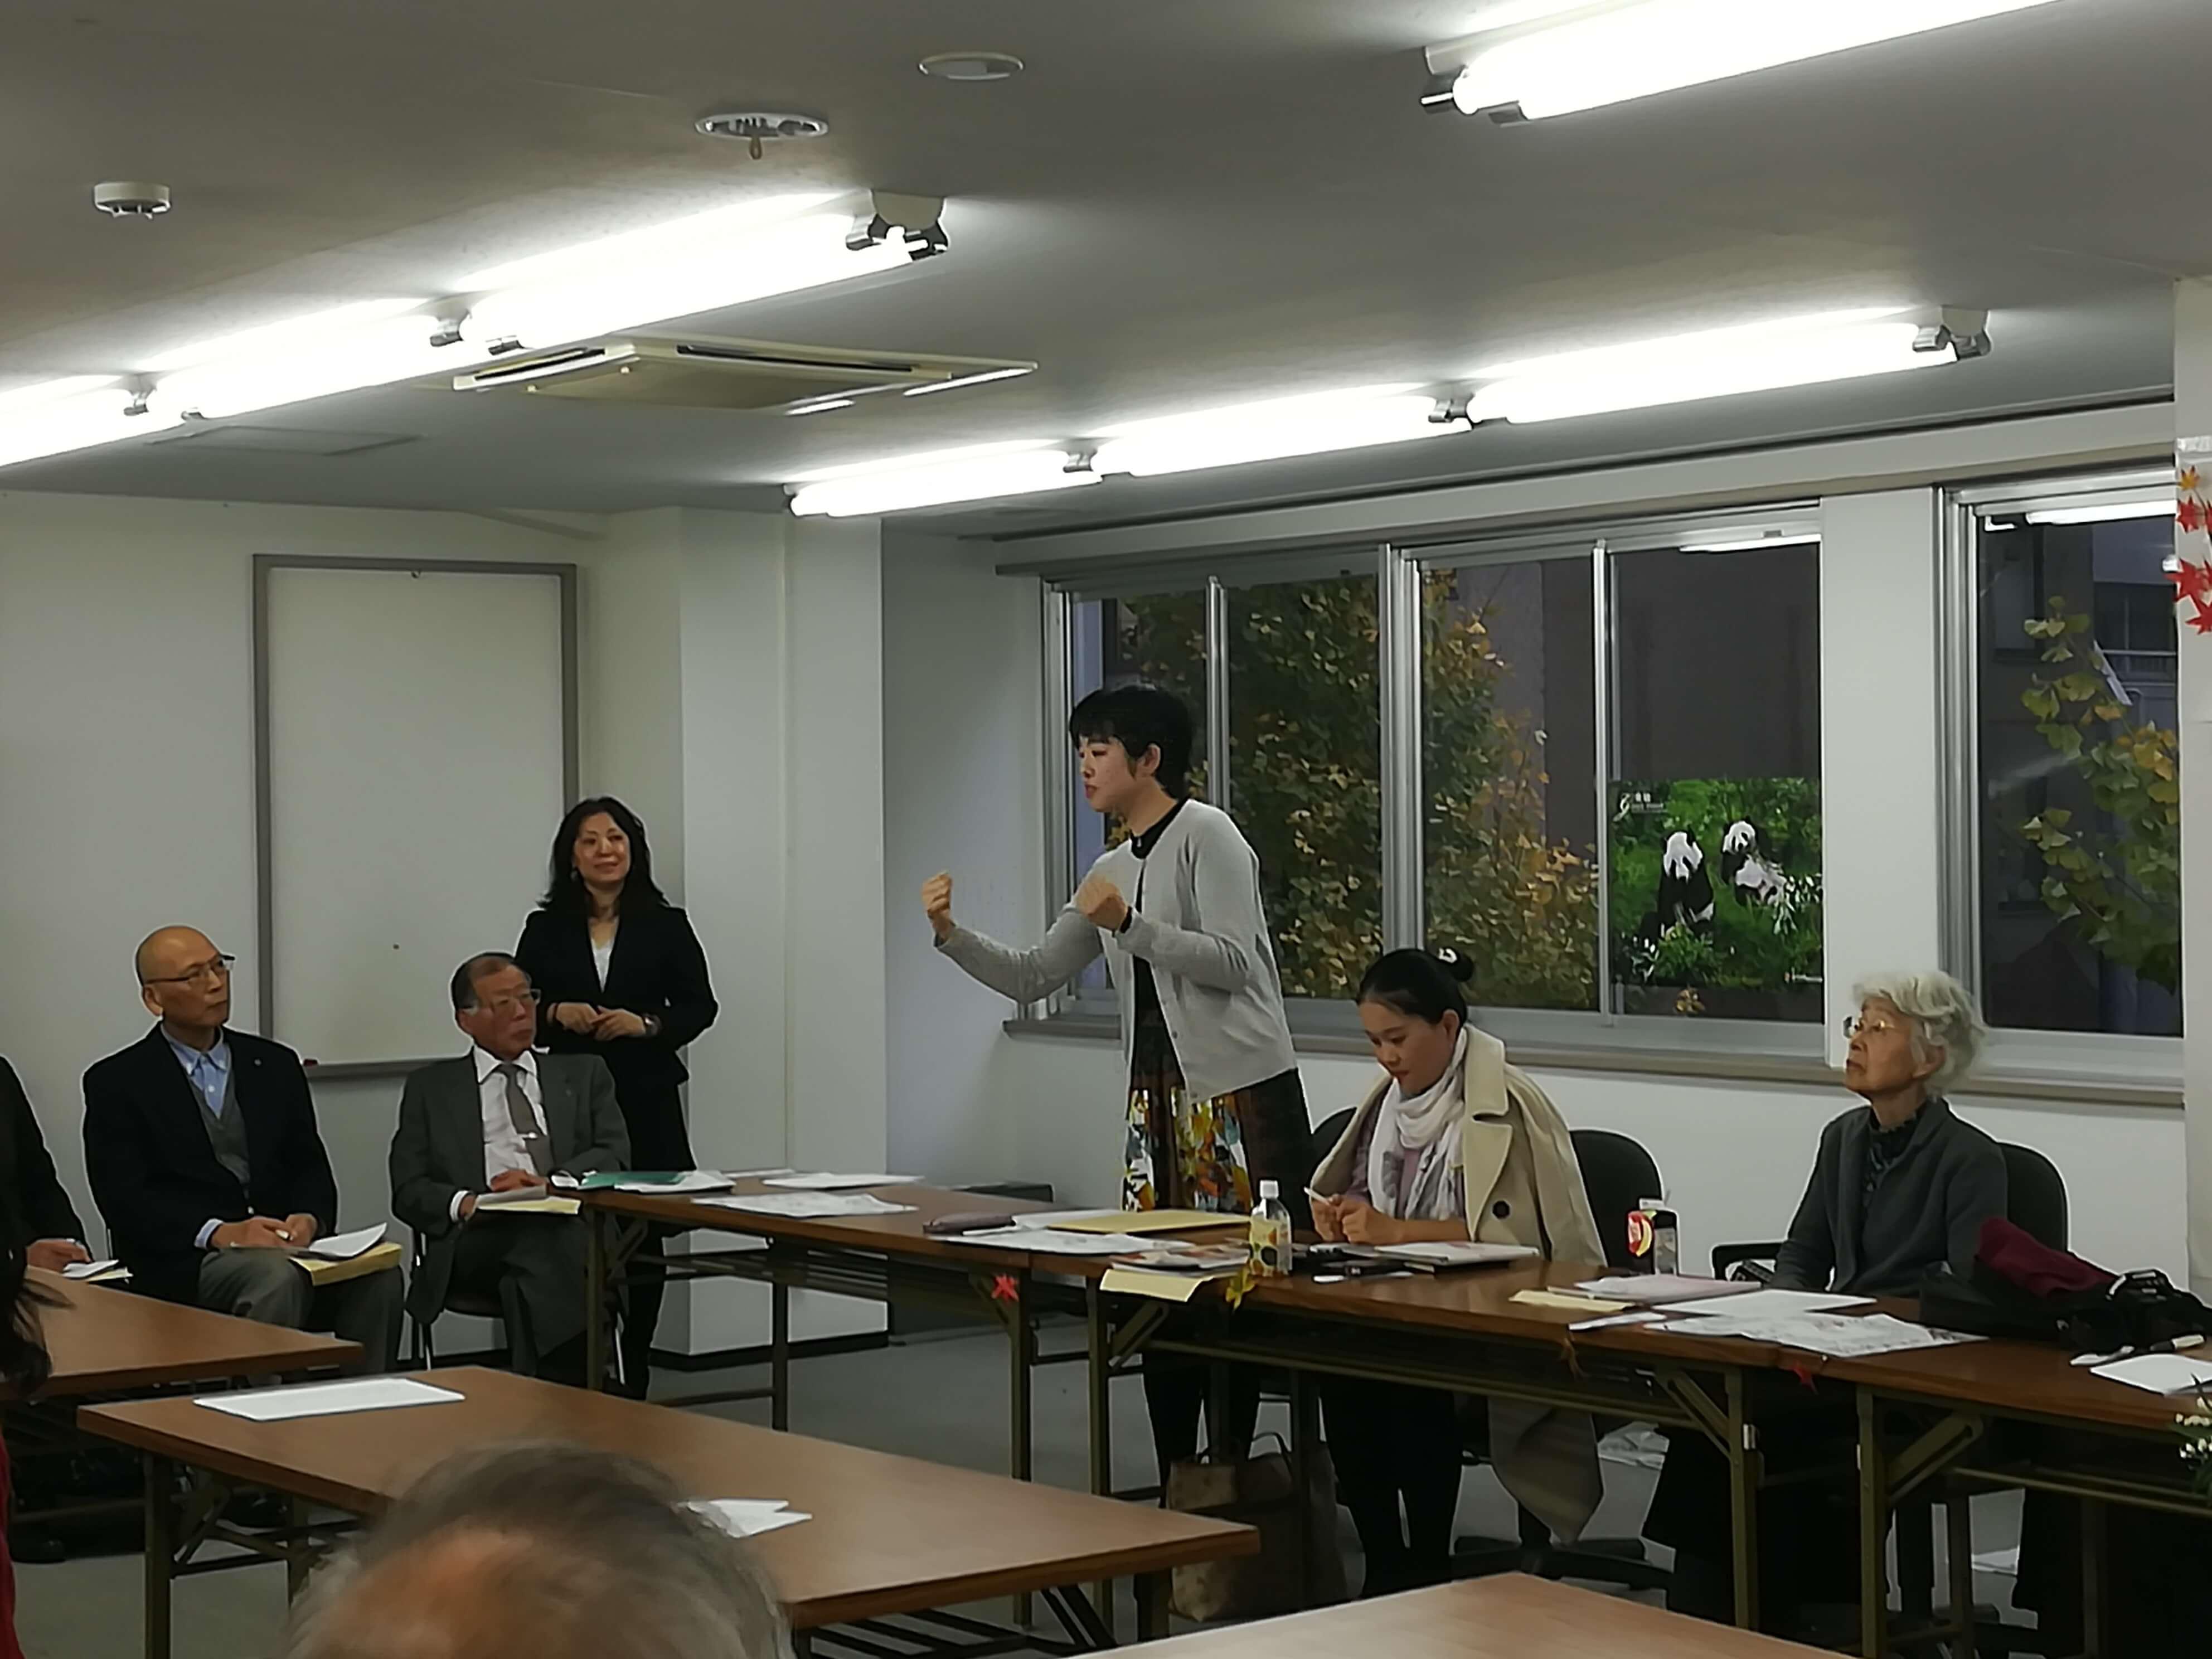 明るい未来が!東京都日中~若者が、ベテラン会員が「未来を!想い出を!語る発表会」開催12.11友好会館50年の想い出に・・